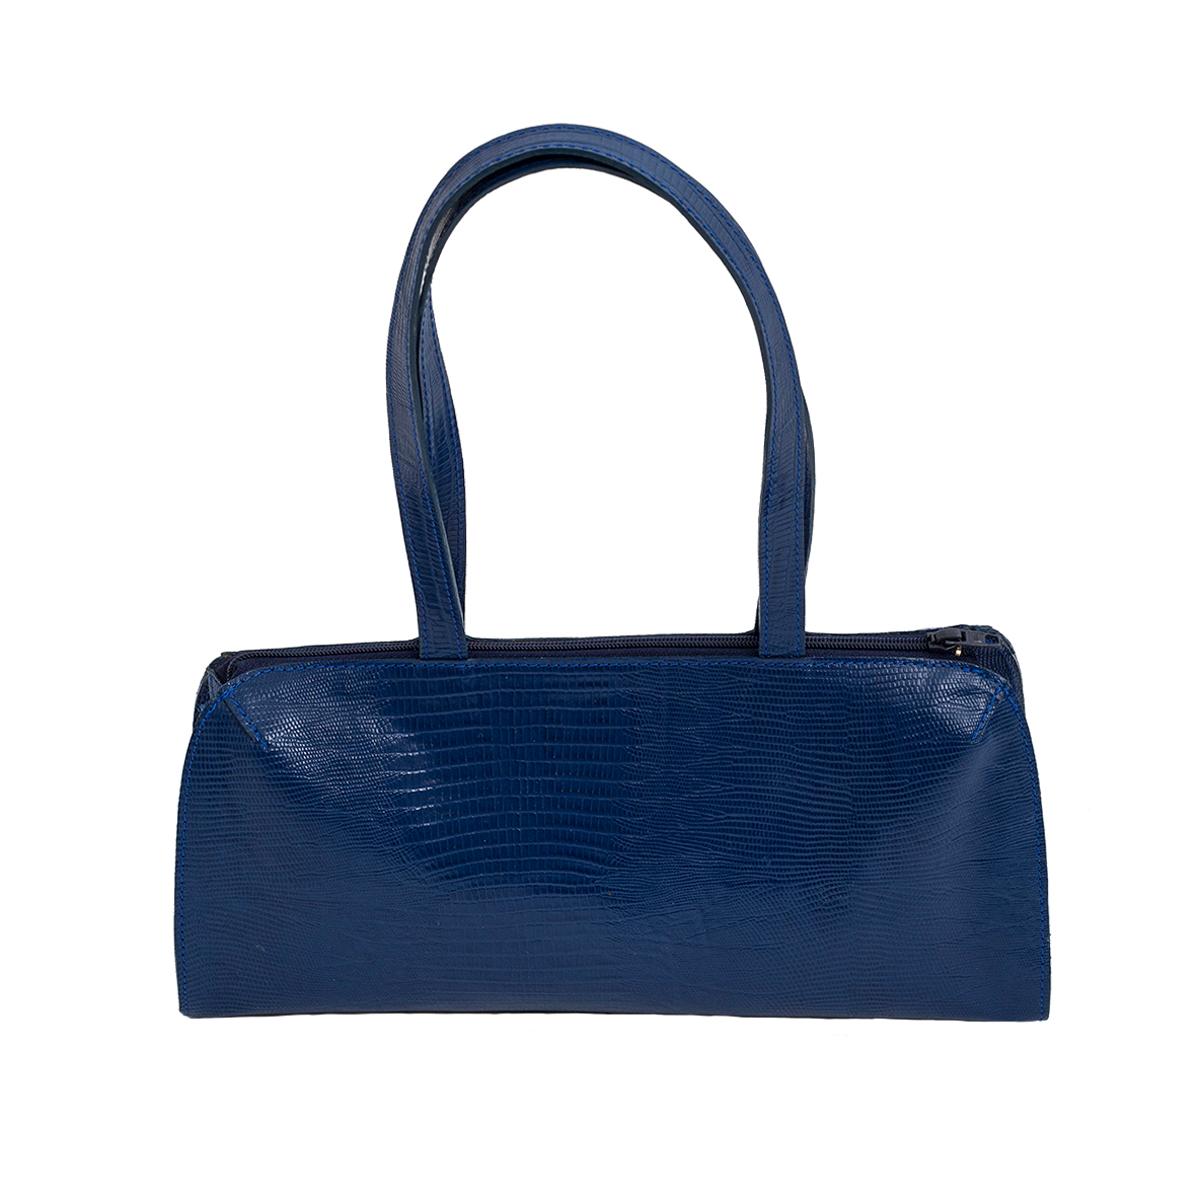 Petit sac bleu roi en cuir façon serpent.